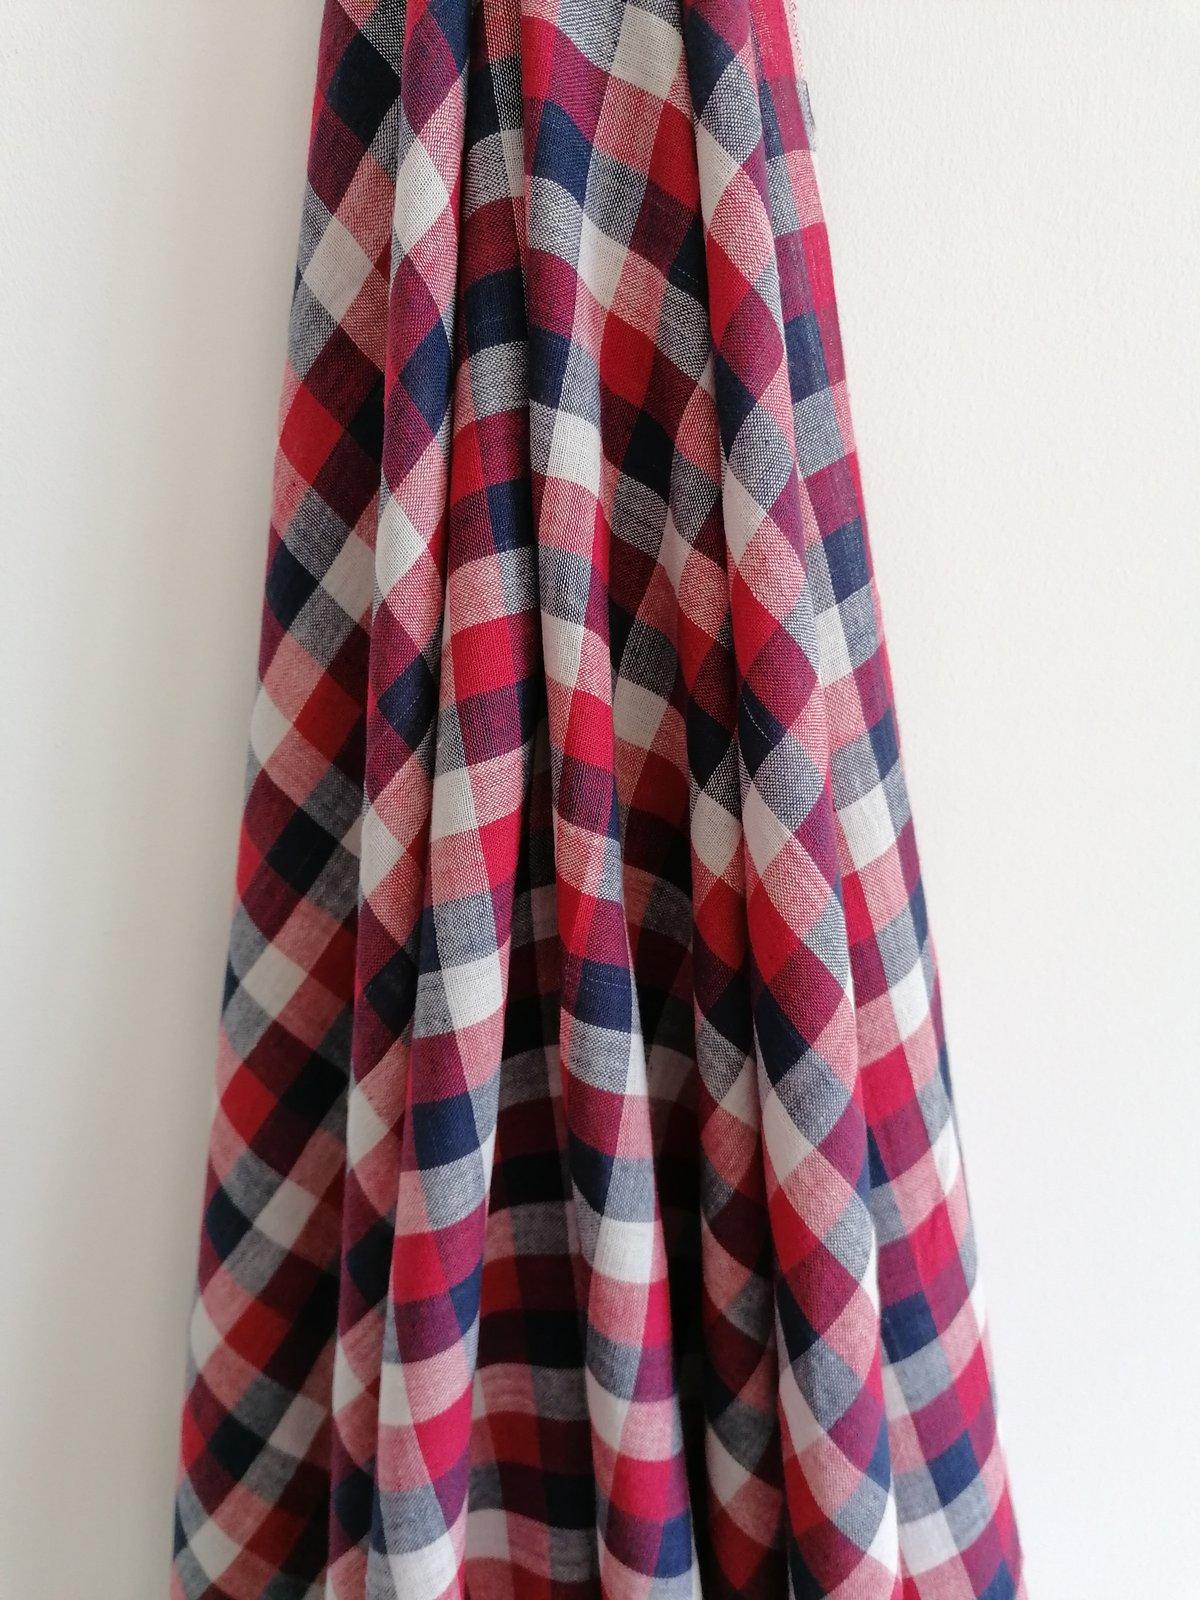 Image of Namaste fabric Khadi carreaux bleus blancs rouges